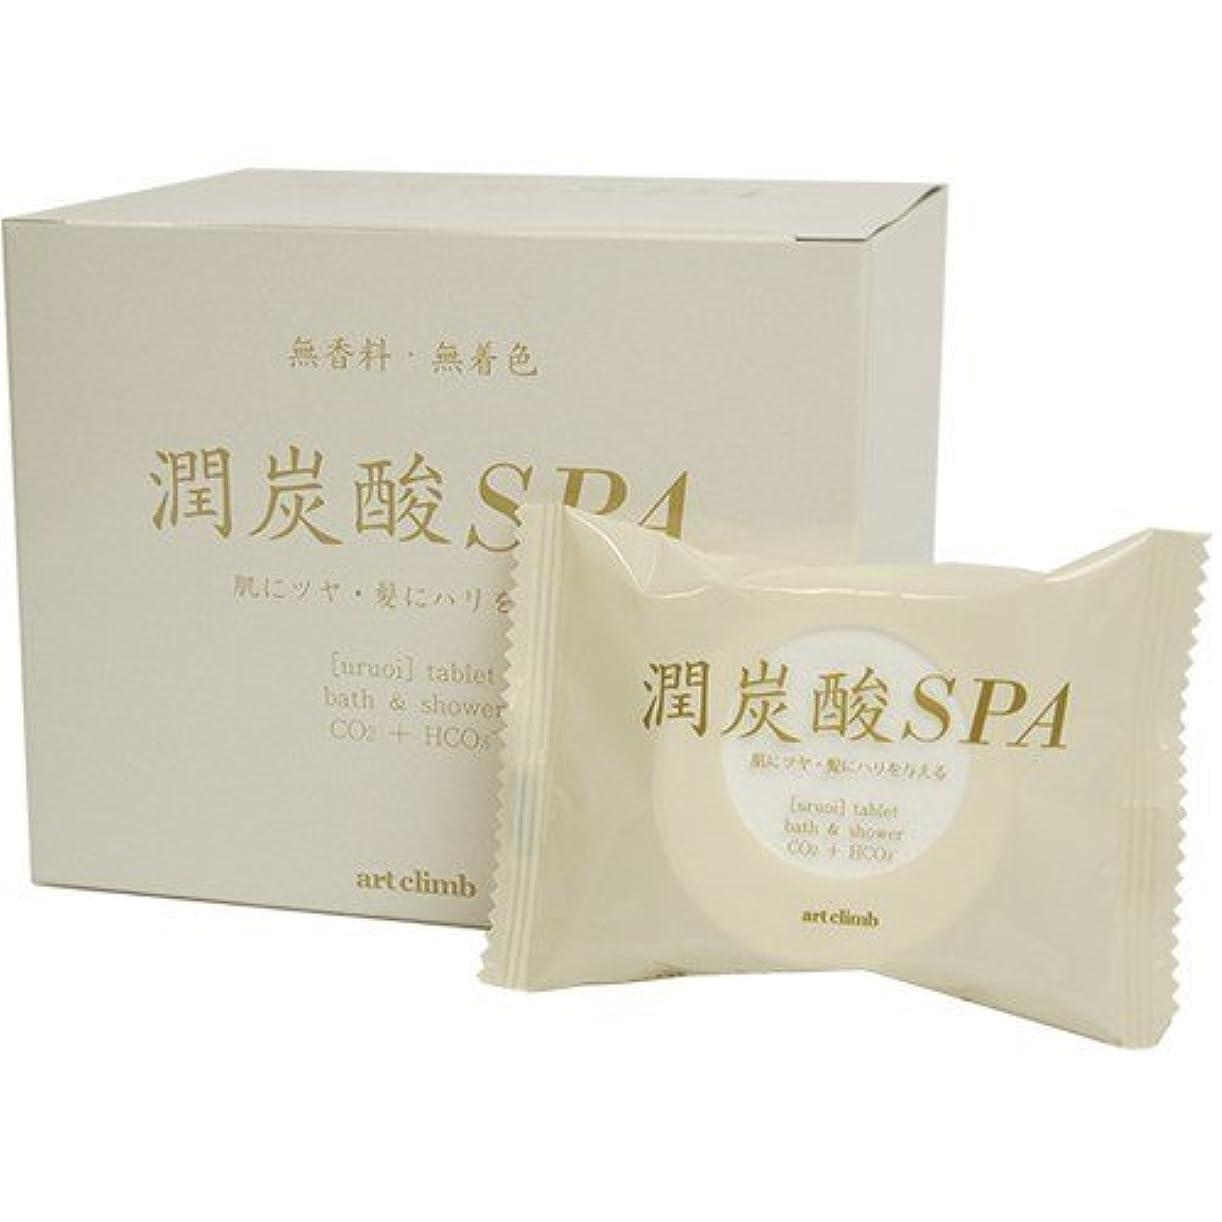 マーガレットミッチェル裂け目時制潤炭酸SPA BS (60g 10錠入り)